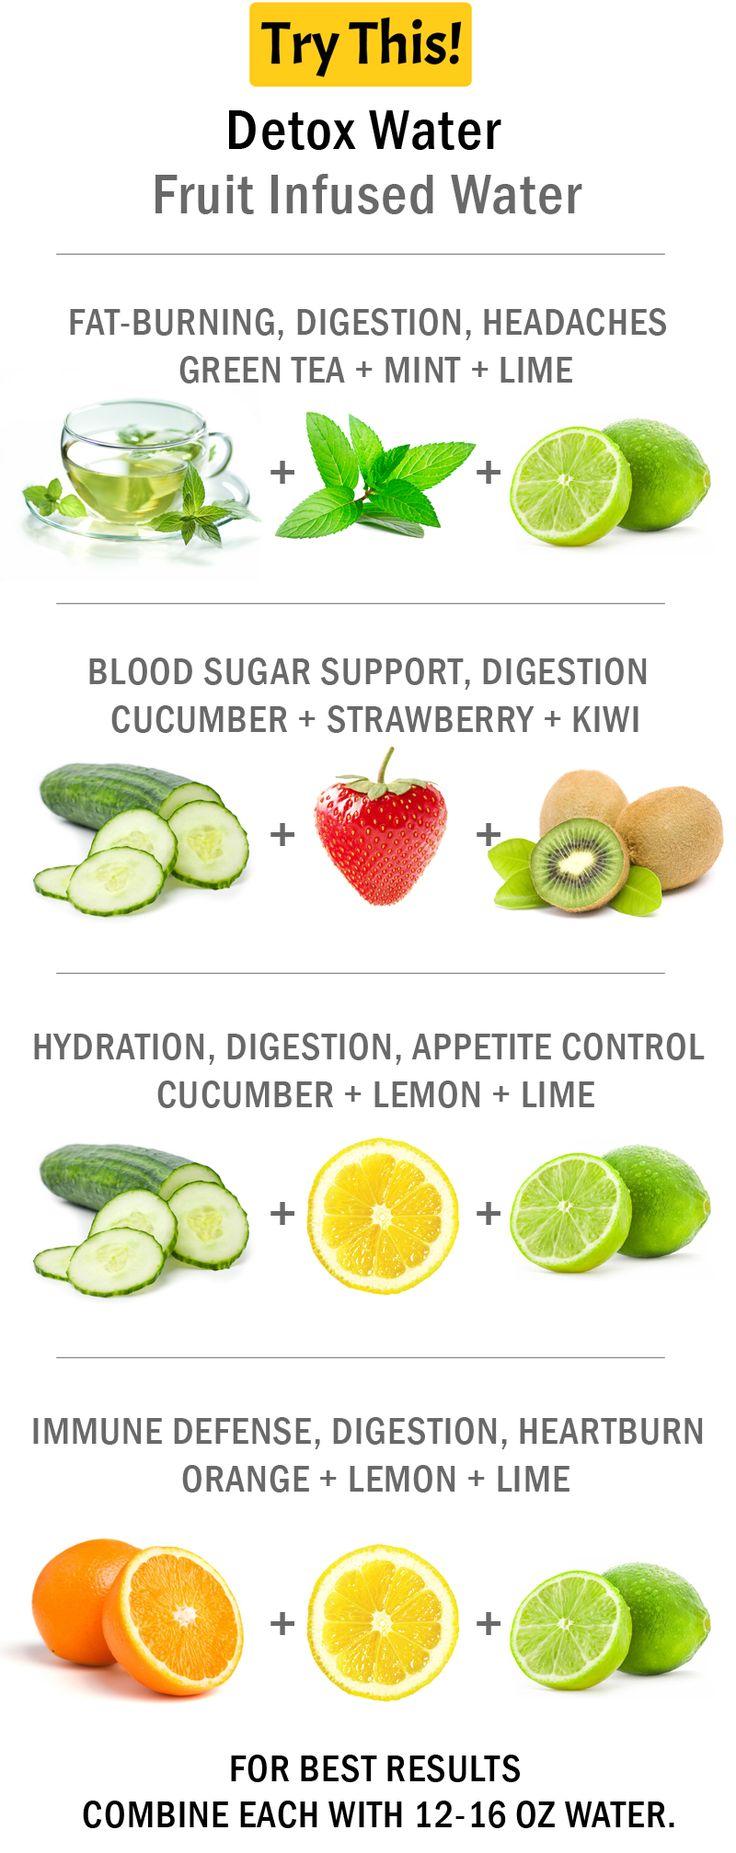 Detox Water: Fruit Infused Water